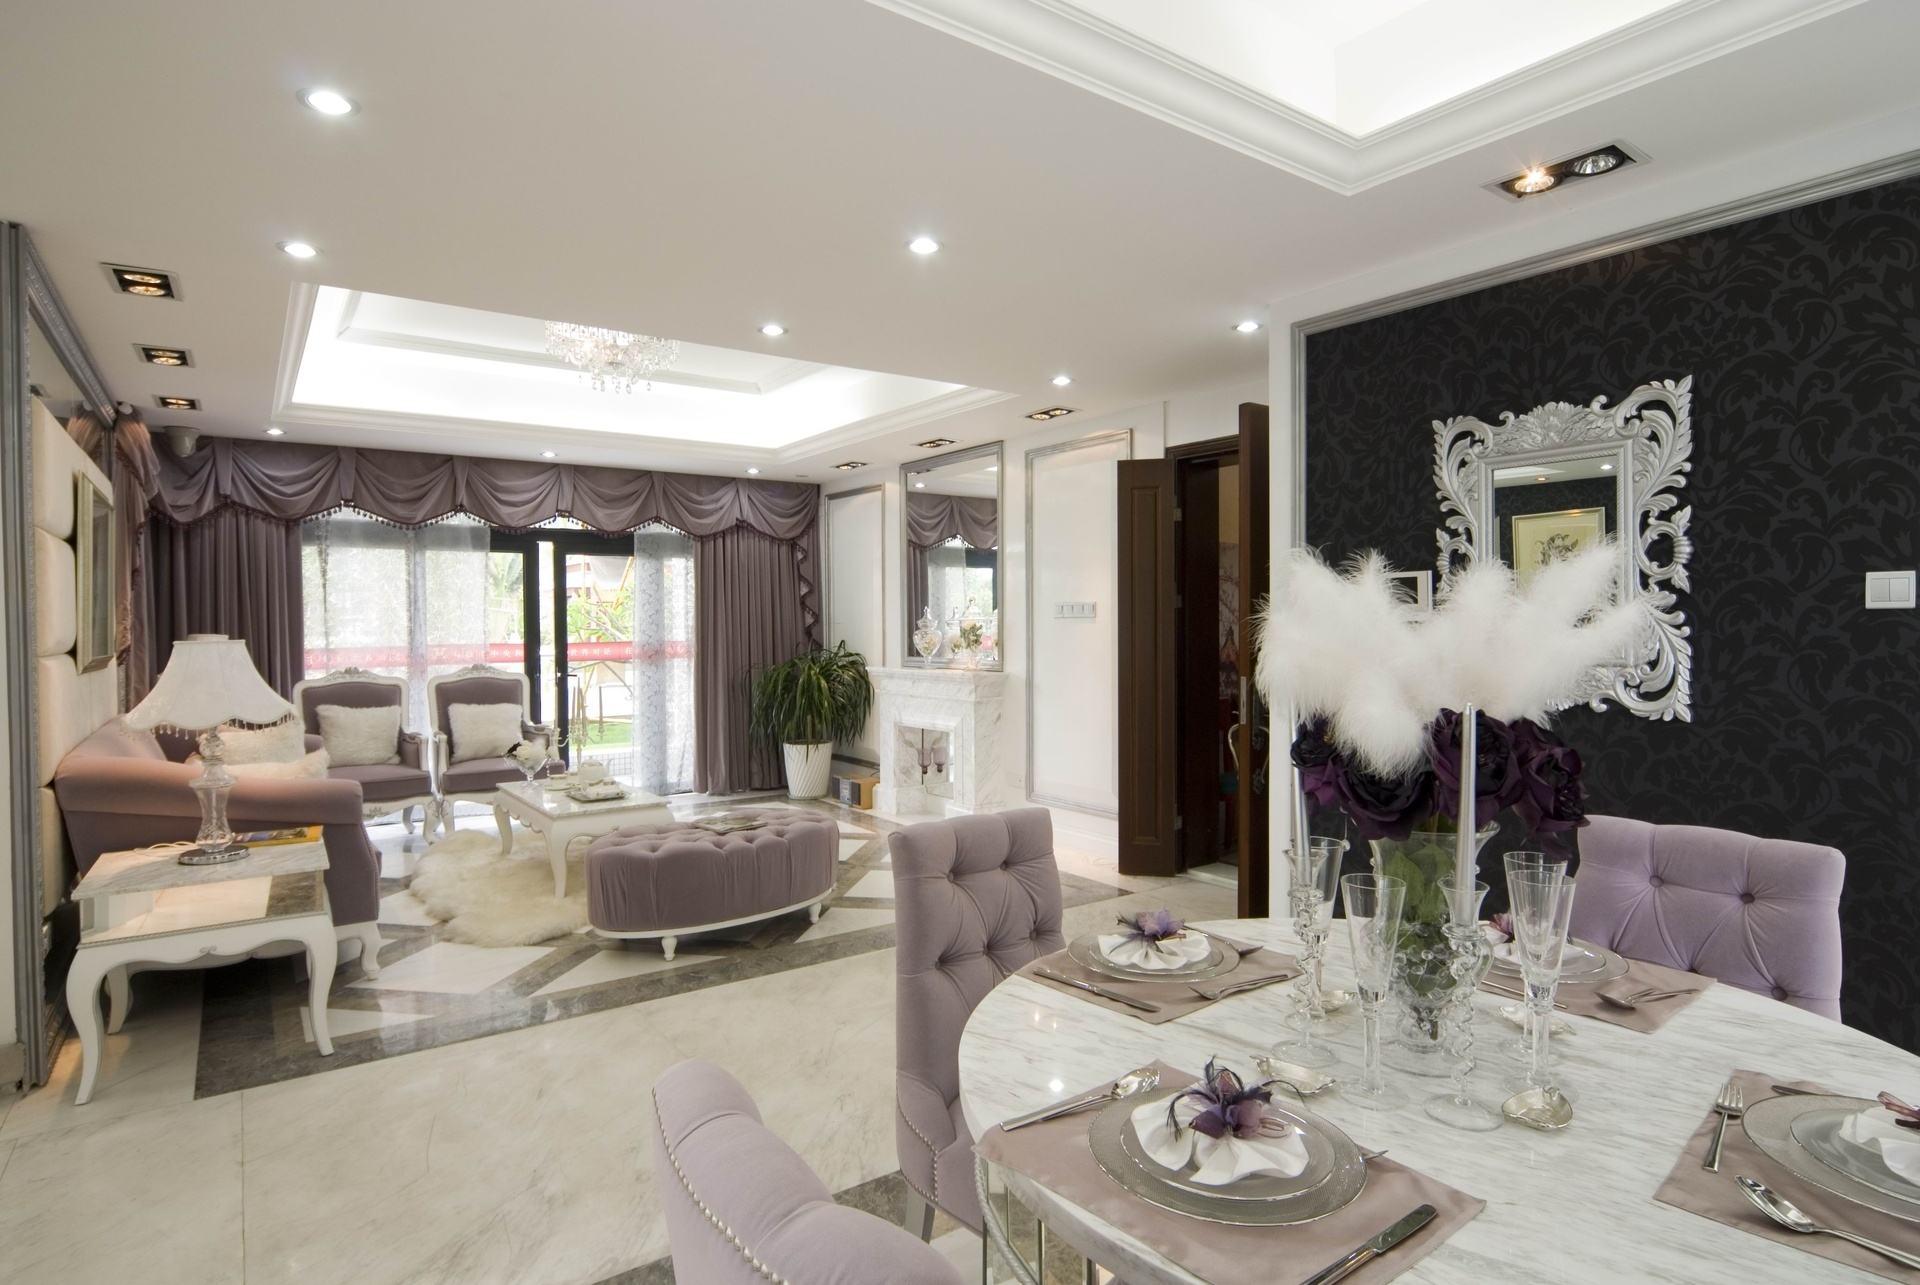 时尚奢华简欧风格客餐厅背景墙家装